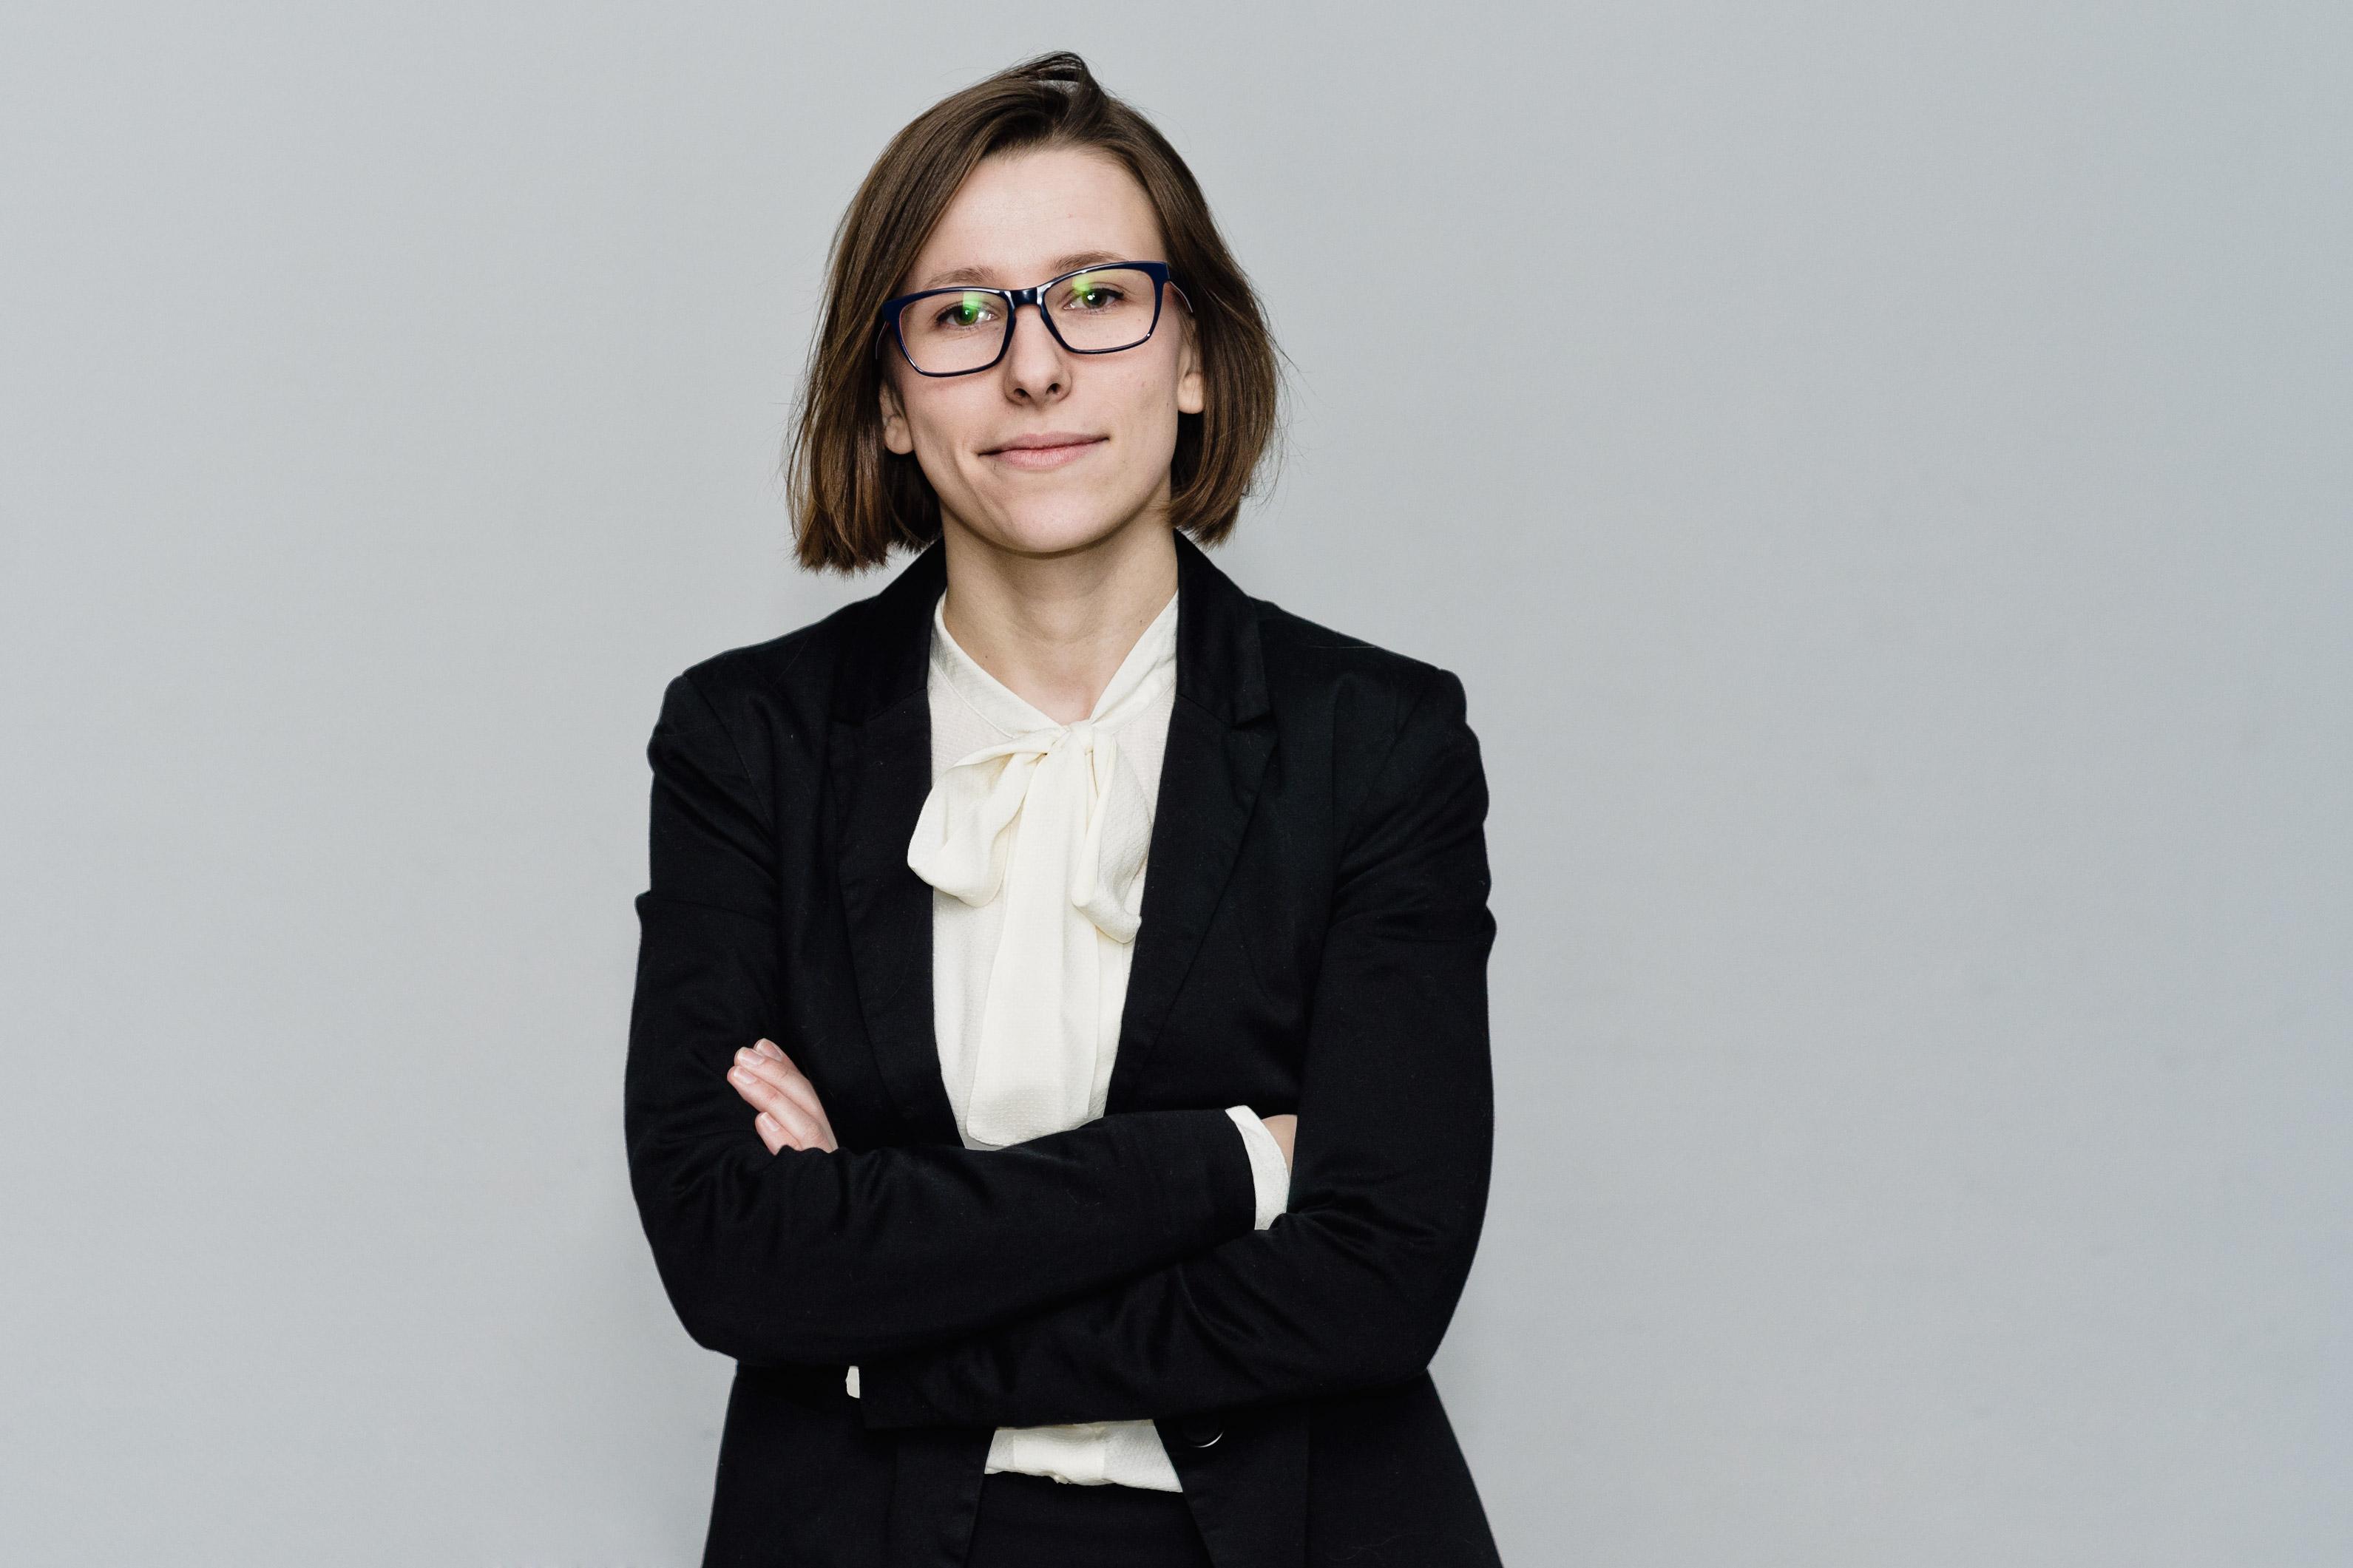 Adwokat Kaja Zaleska-Korziuk. Zdjęcie autorstwa Jakuba Kudelskiego.